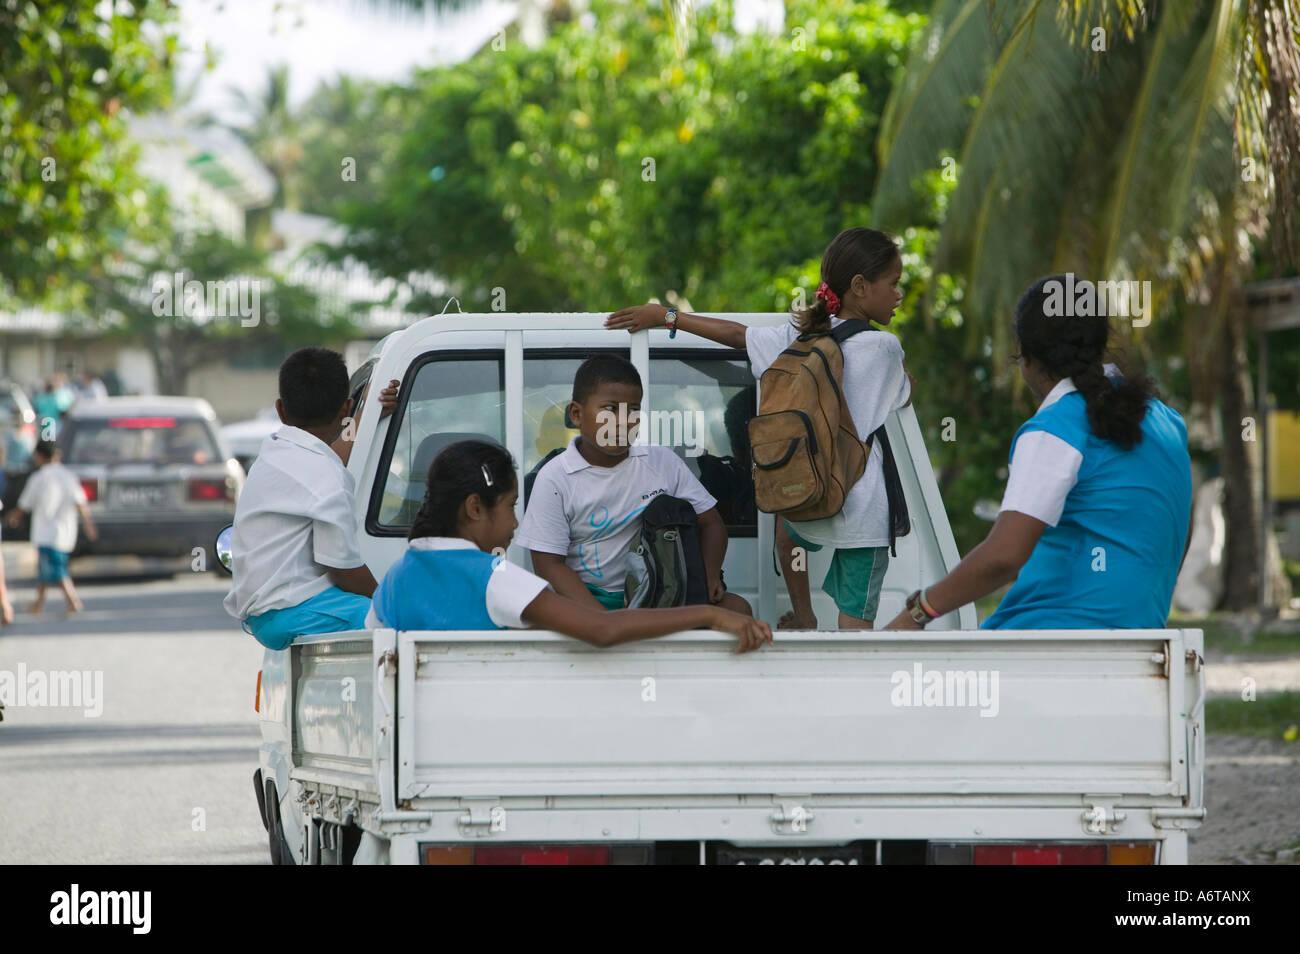 The school run on Funafuti, Tuvalu - Stock Image